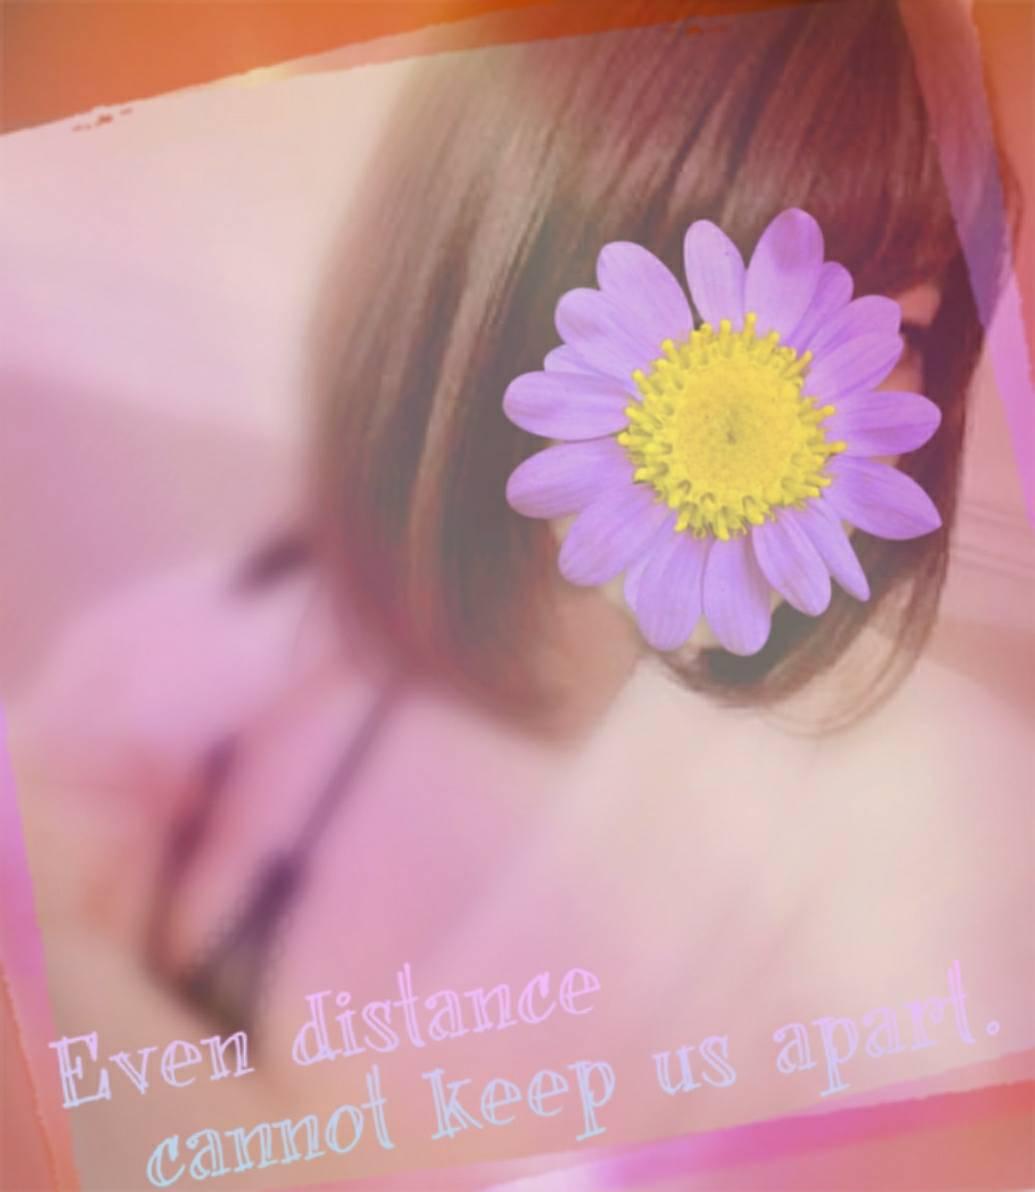 綾瀬-あやせ-「すっきり」12/14(木) 10:33   綾瀬-あやせ-の写メ・風俗動画